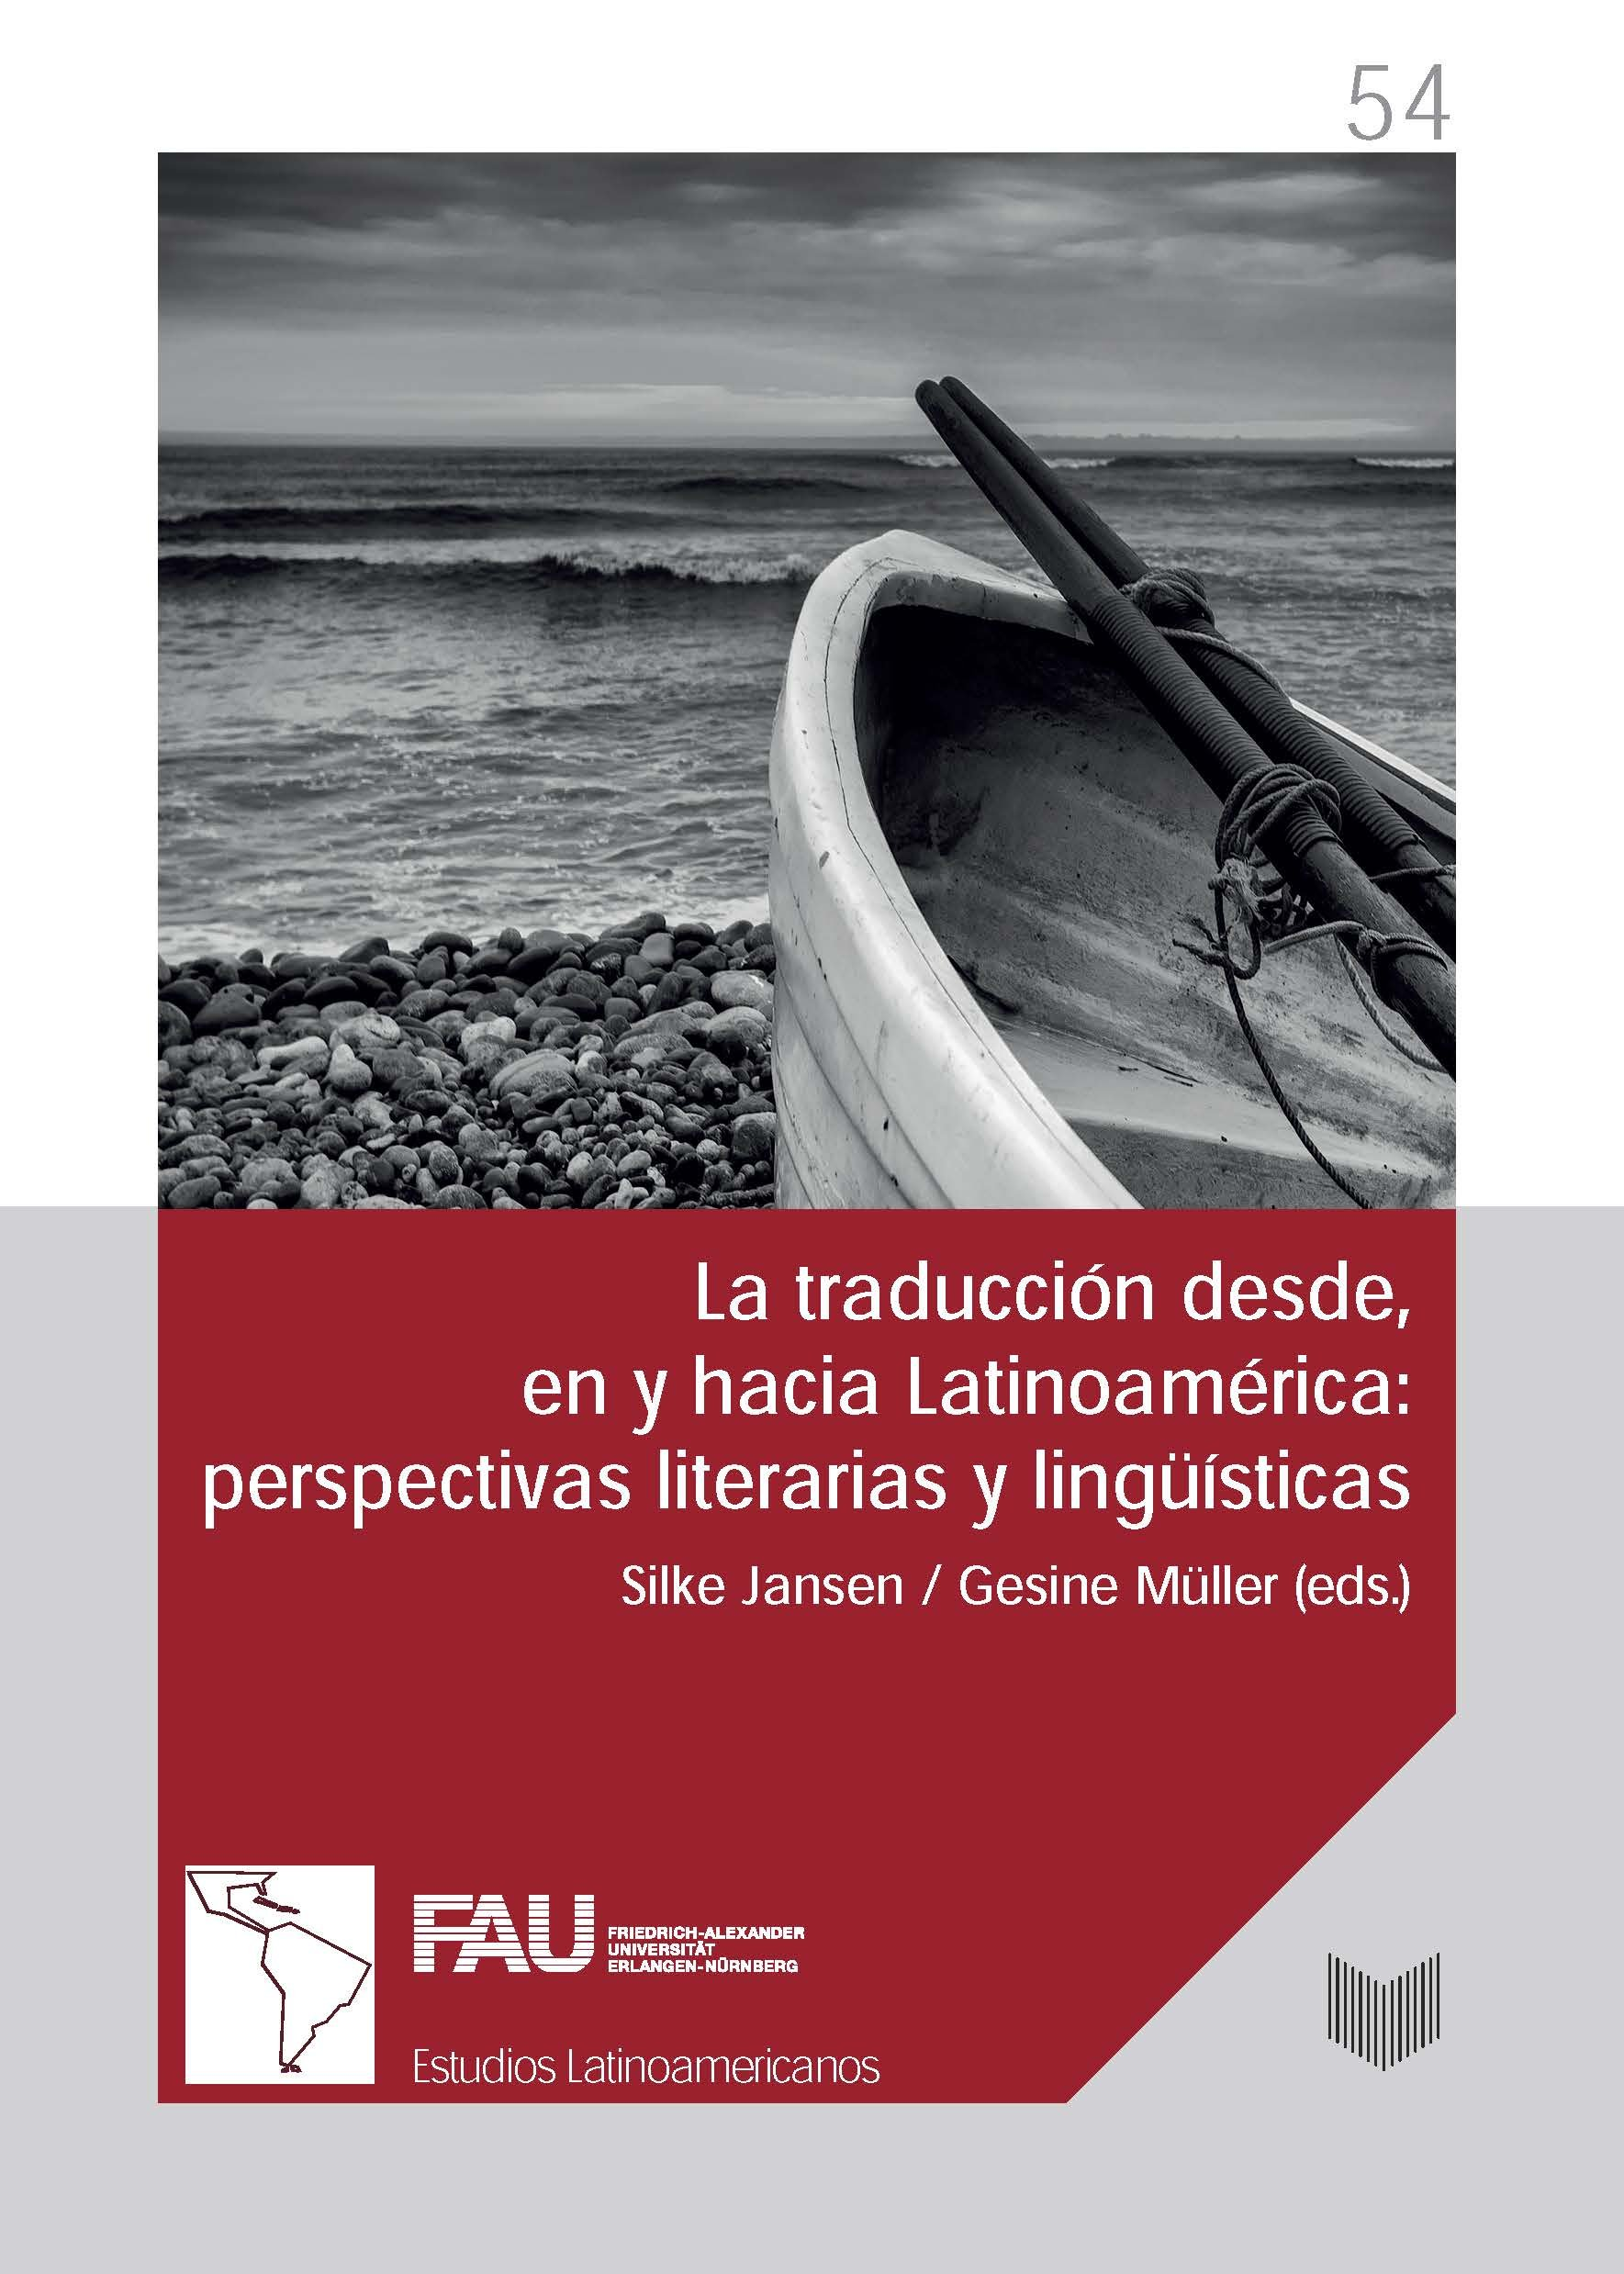 La traducción desde, en y hacia Latinoamérica : perspectivas literarias y lingüística Estudios Latinoamericanos de Erlangen: Amazon.es: Gesine Müller (eds.